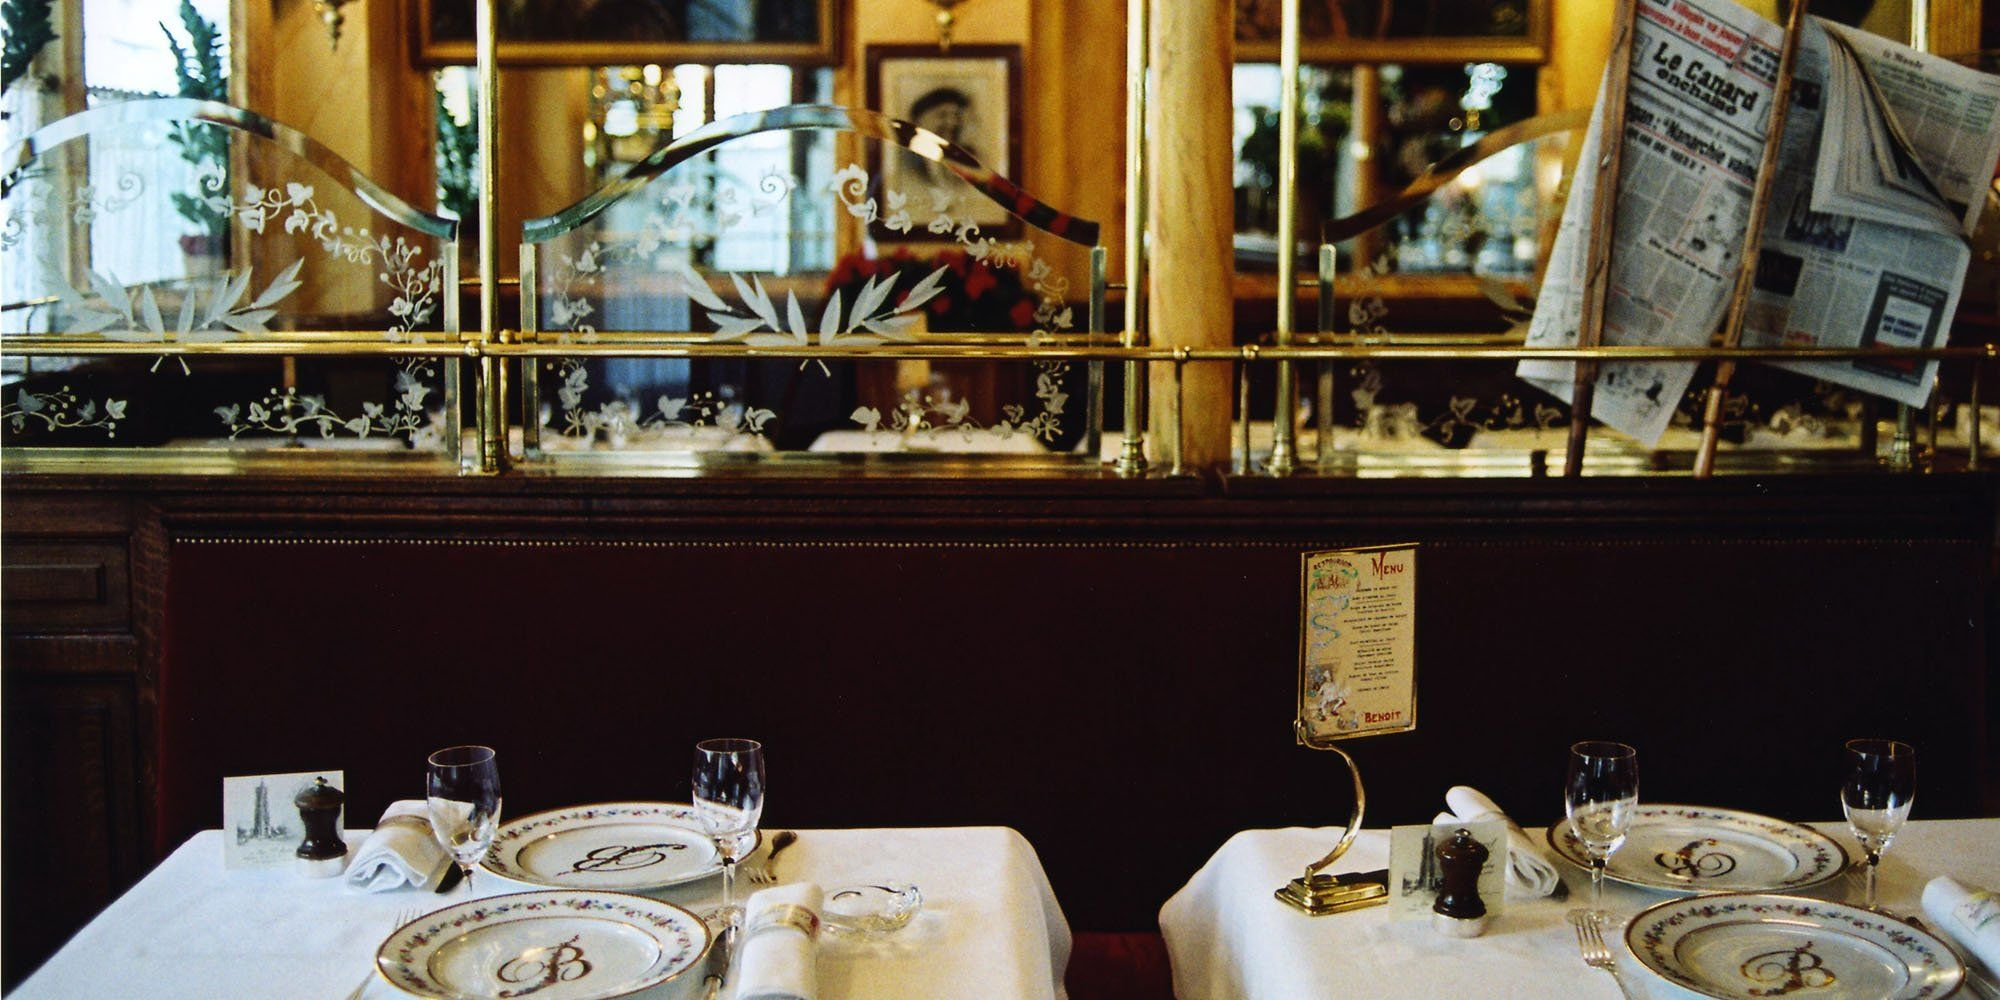 Restaurant benoit paris cuisine traditionnelle fran aise une toile guide michelin frenchie - Cuisine traditionnelle francaise ...